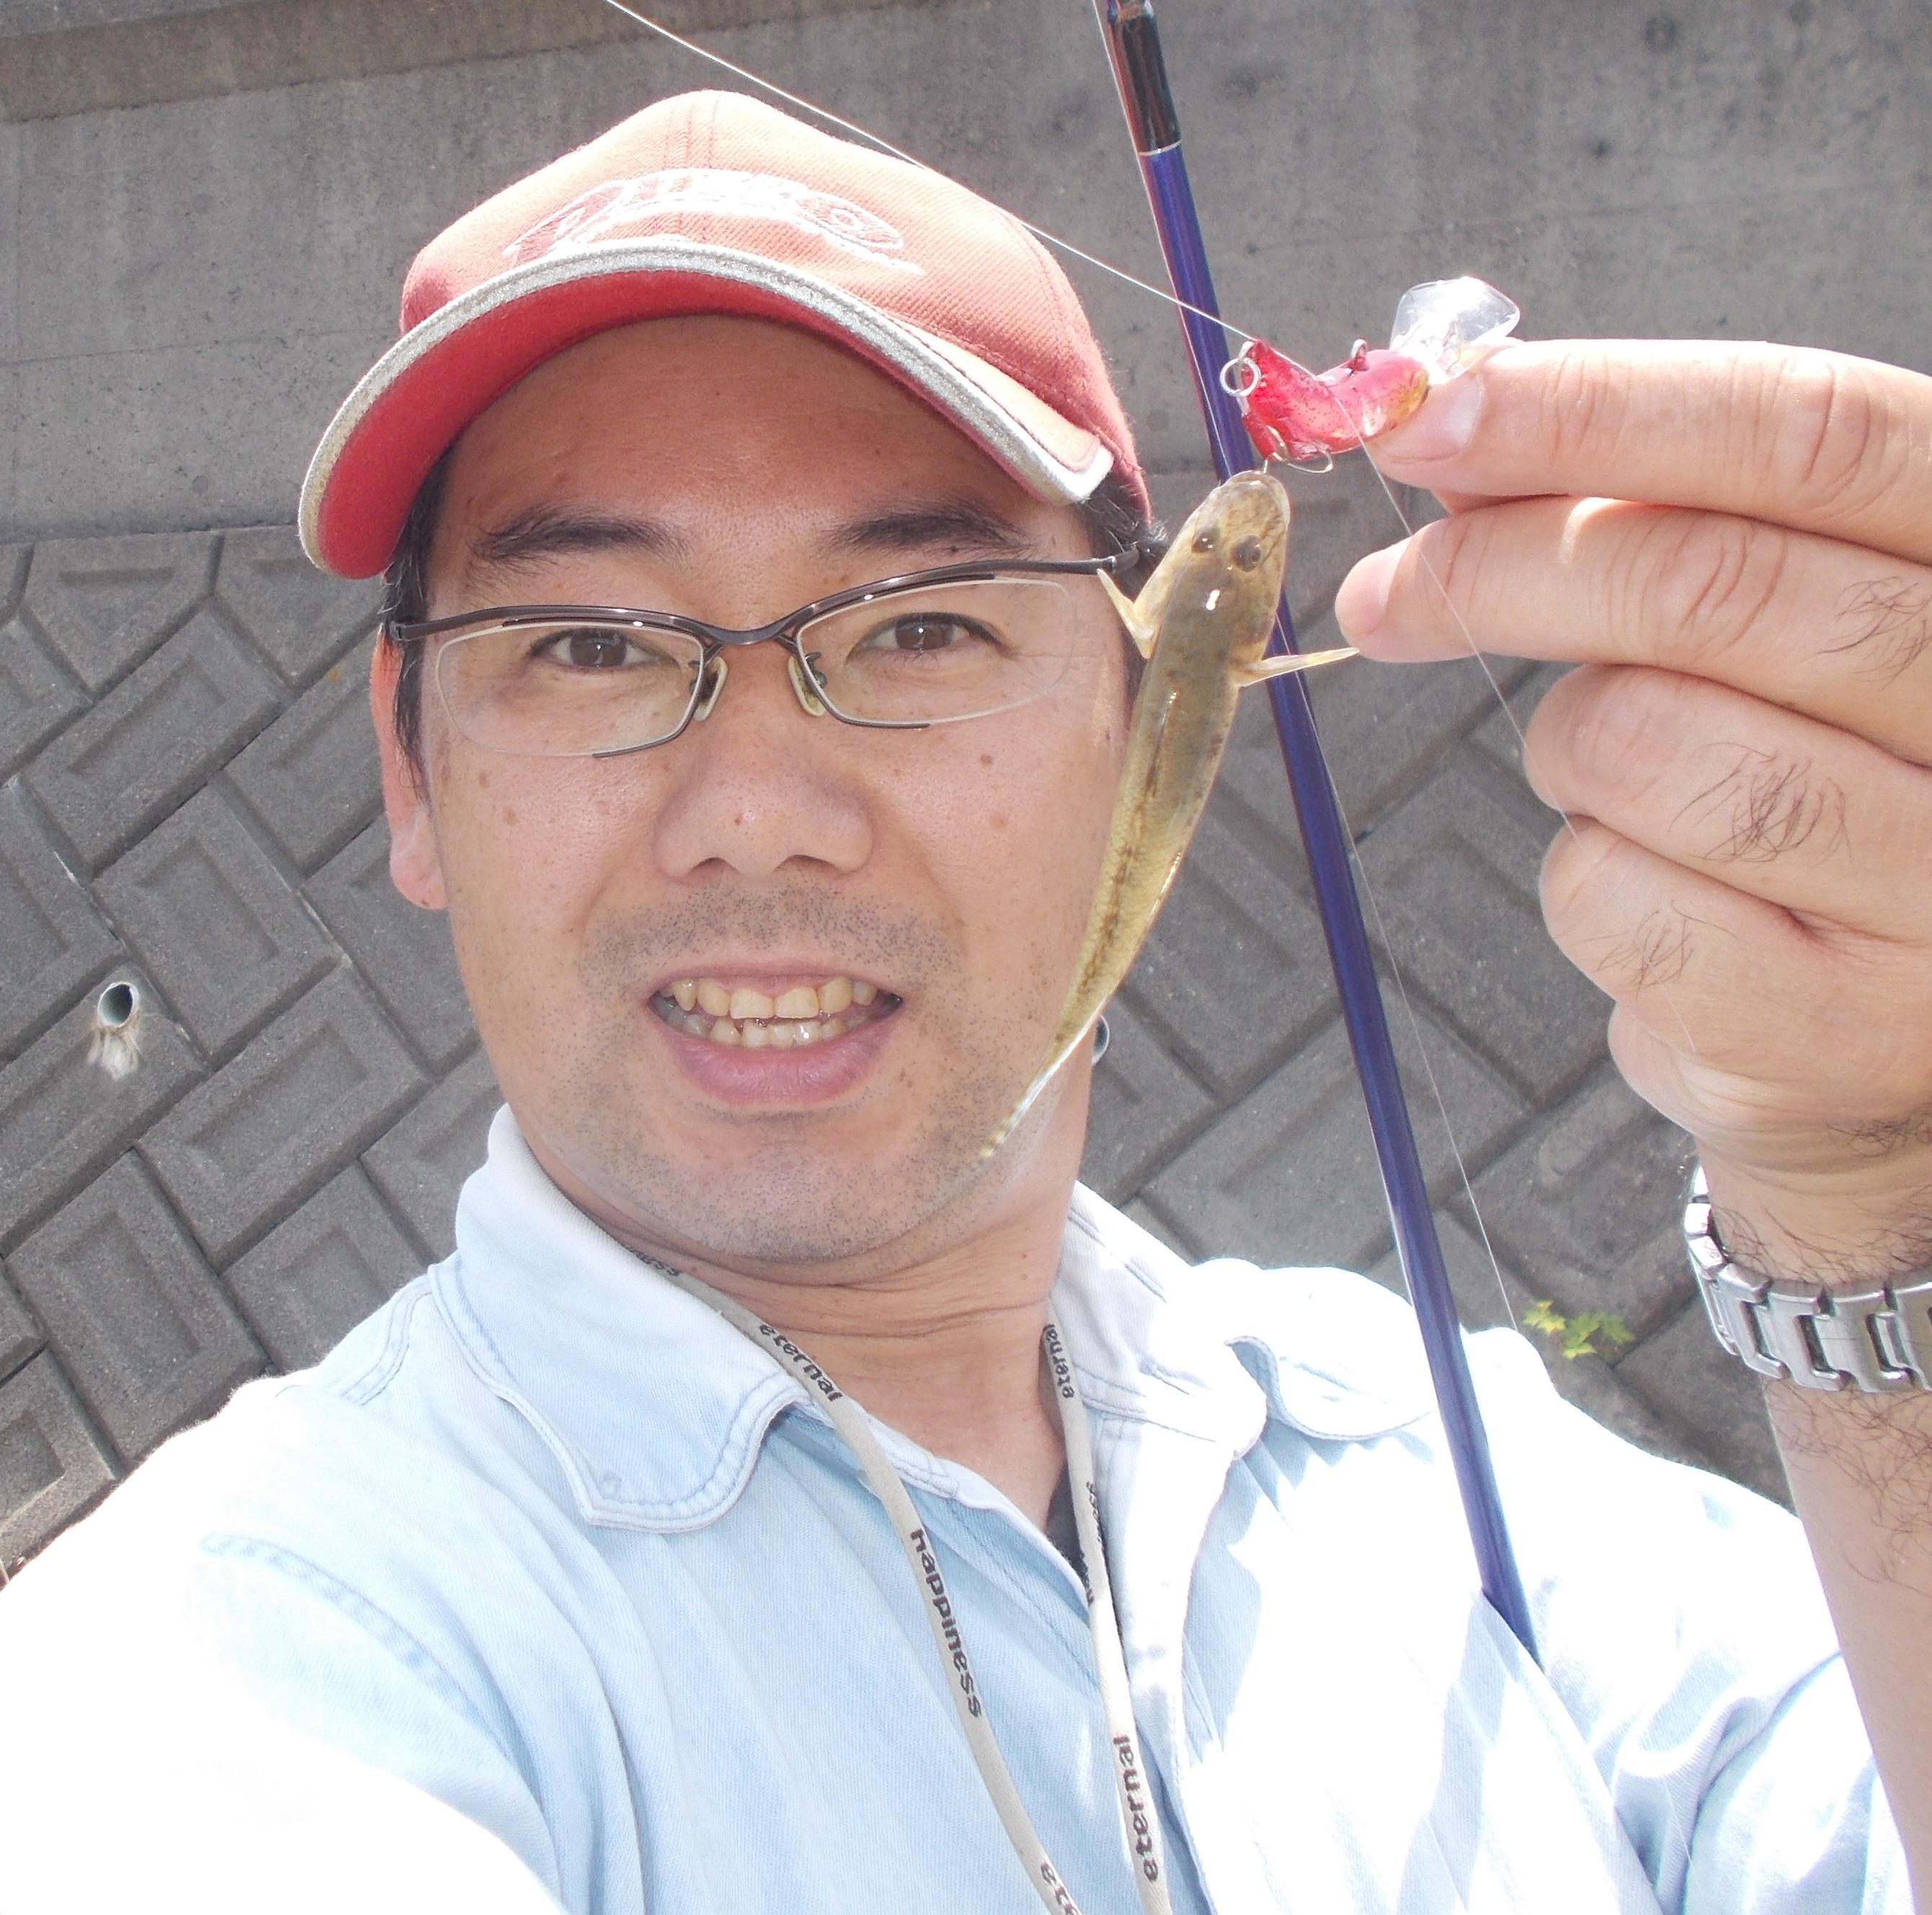 手長エビを狙っていたら見えたので切り替えて狙って見ました。まだ小さいのが多いですが大きいのは8cmほどと針に掛かる大きさが見えました。